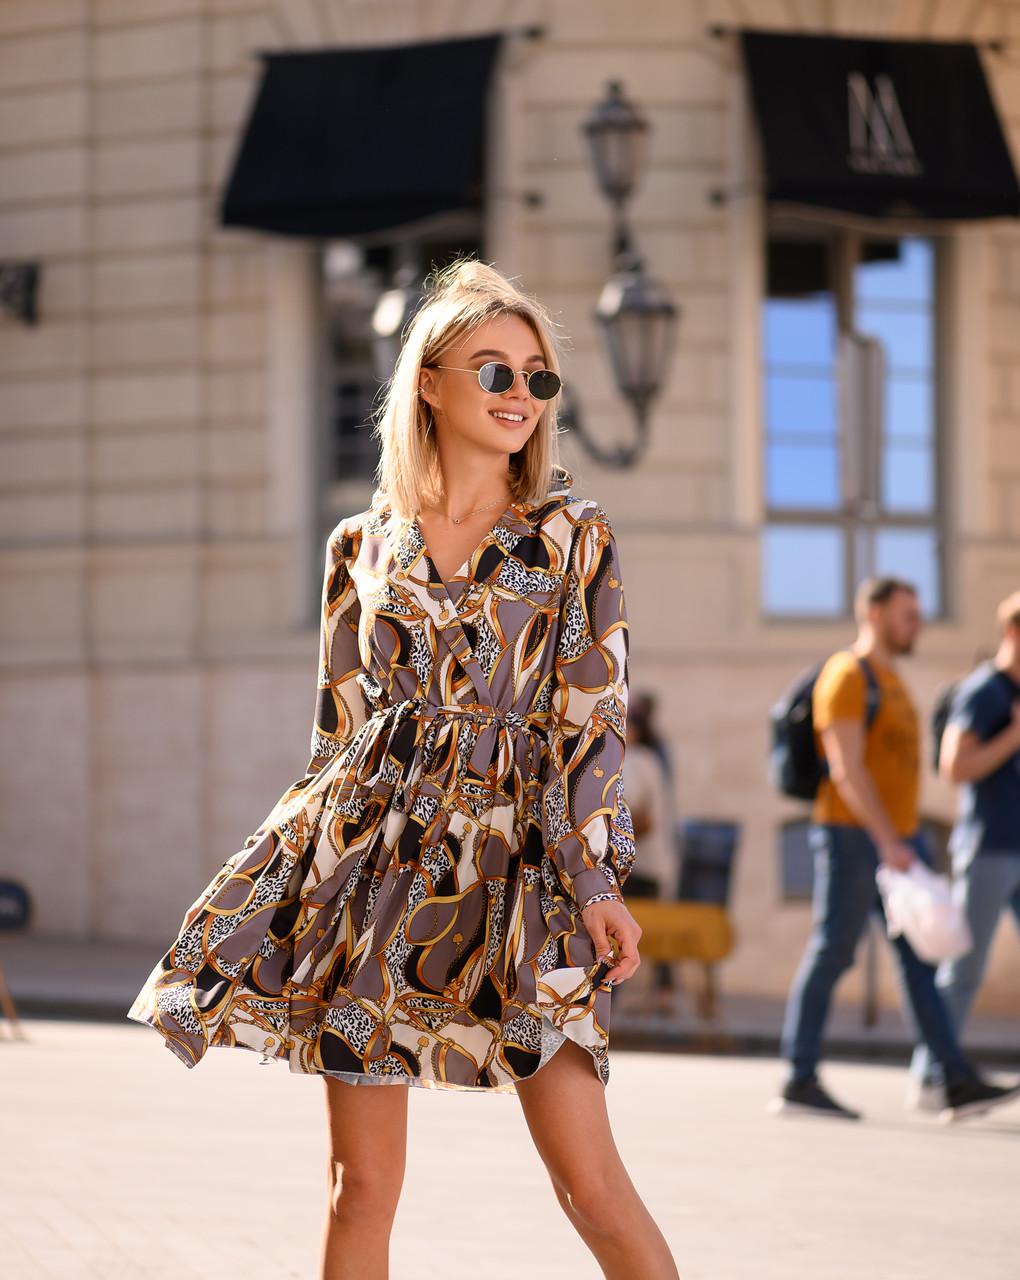 Бестселлер! Стильное платье из шелка Армани, стильный принт, декорировано воротником, ширина юбки 285см